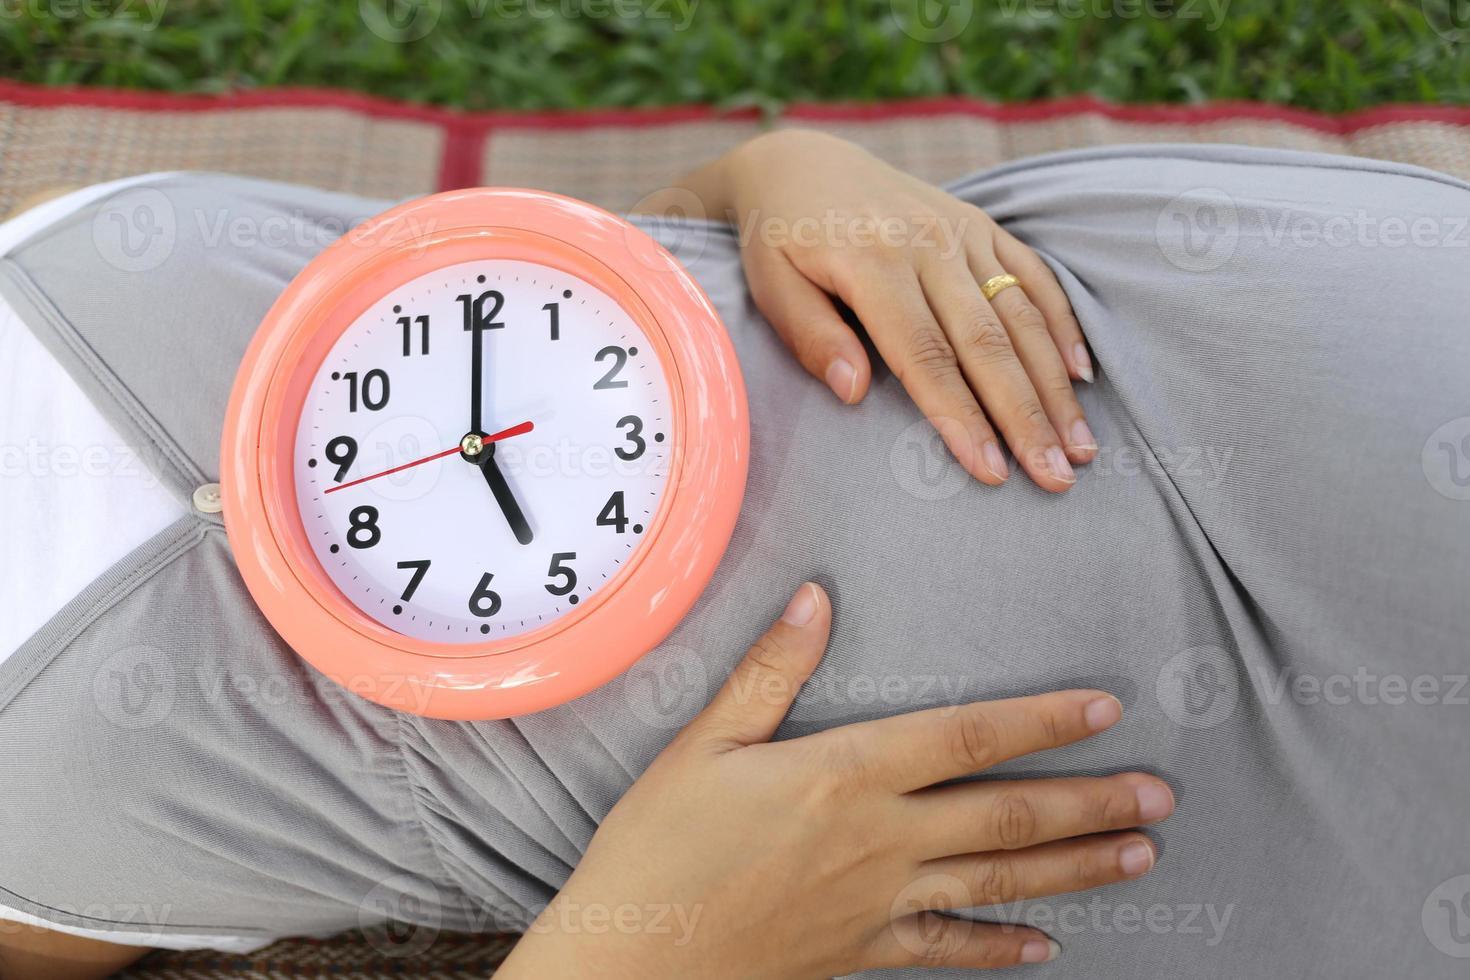 mulheres grávidas mostram relógio na barriga. foto